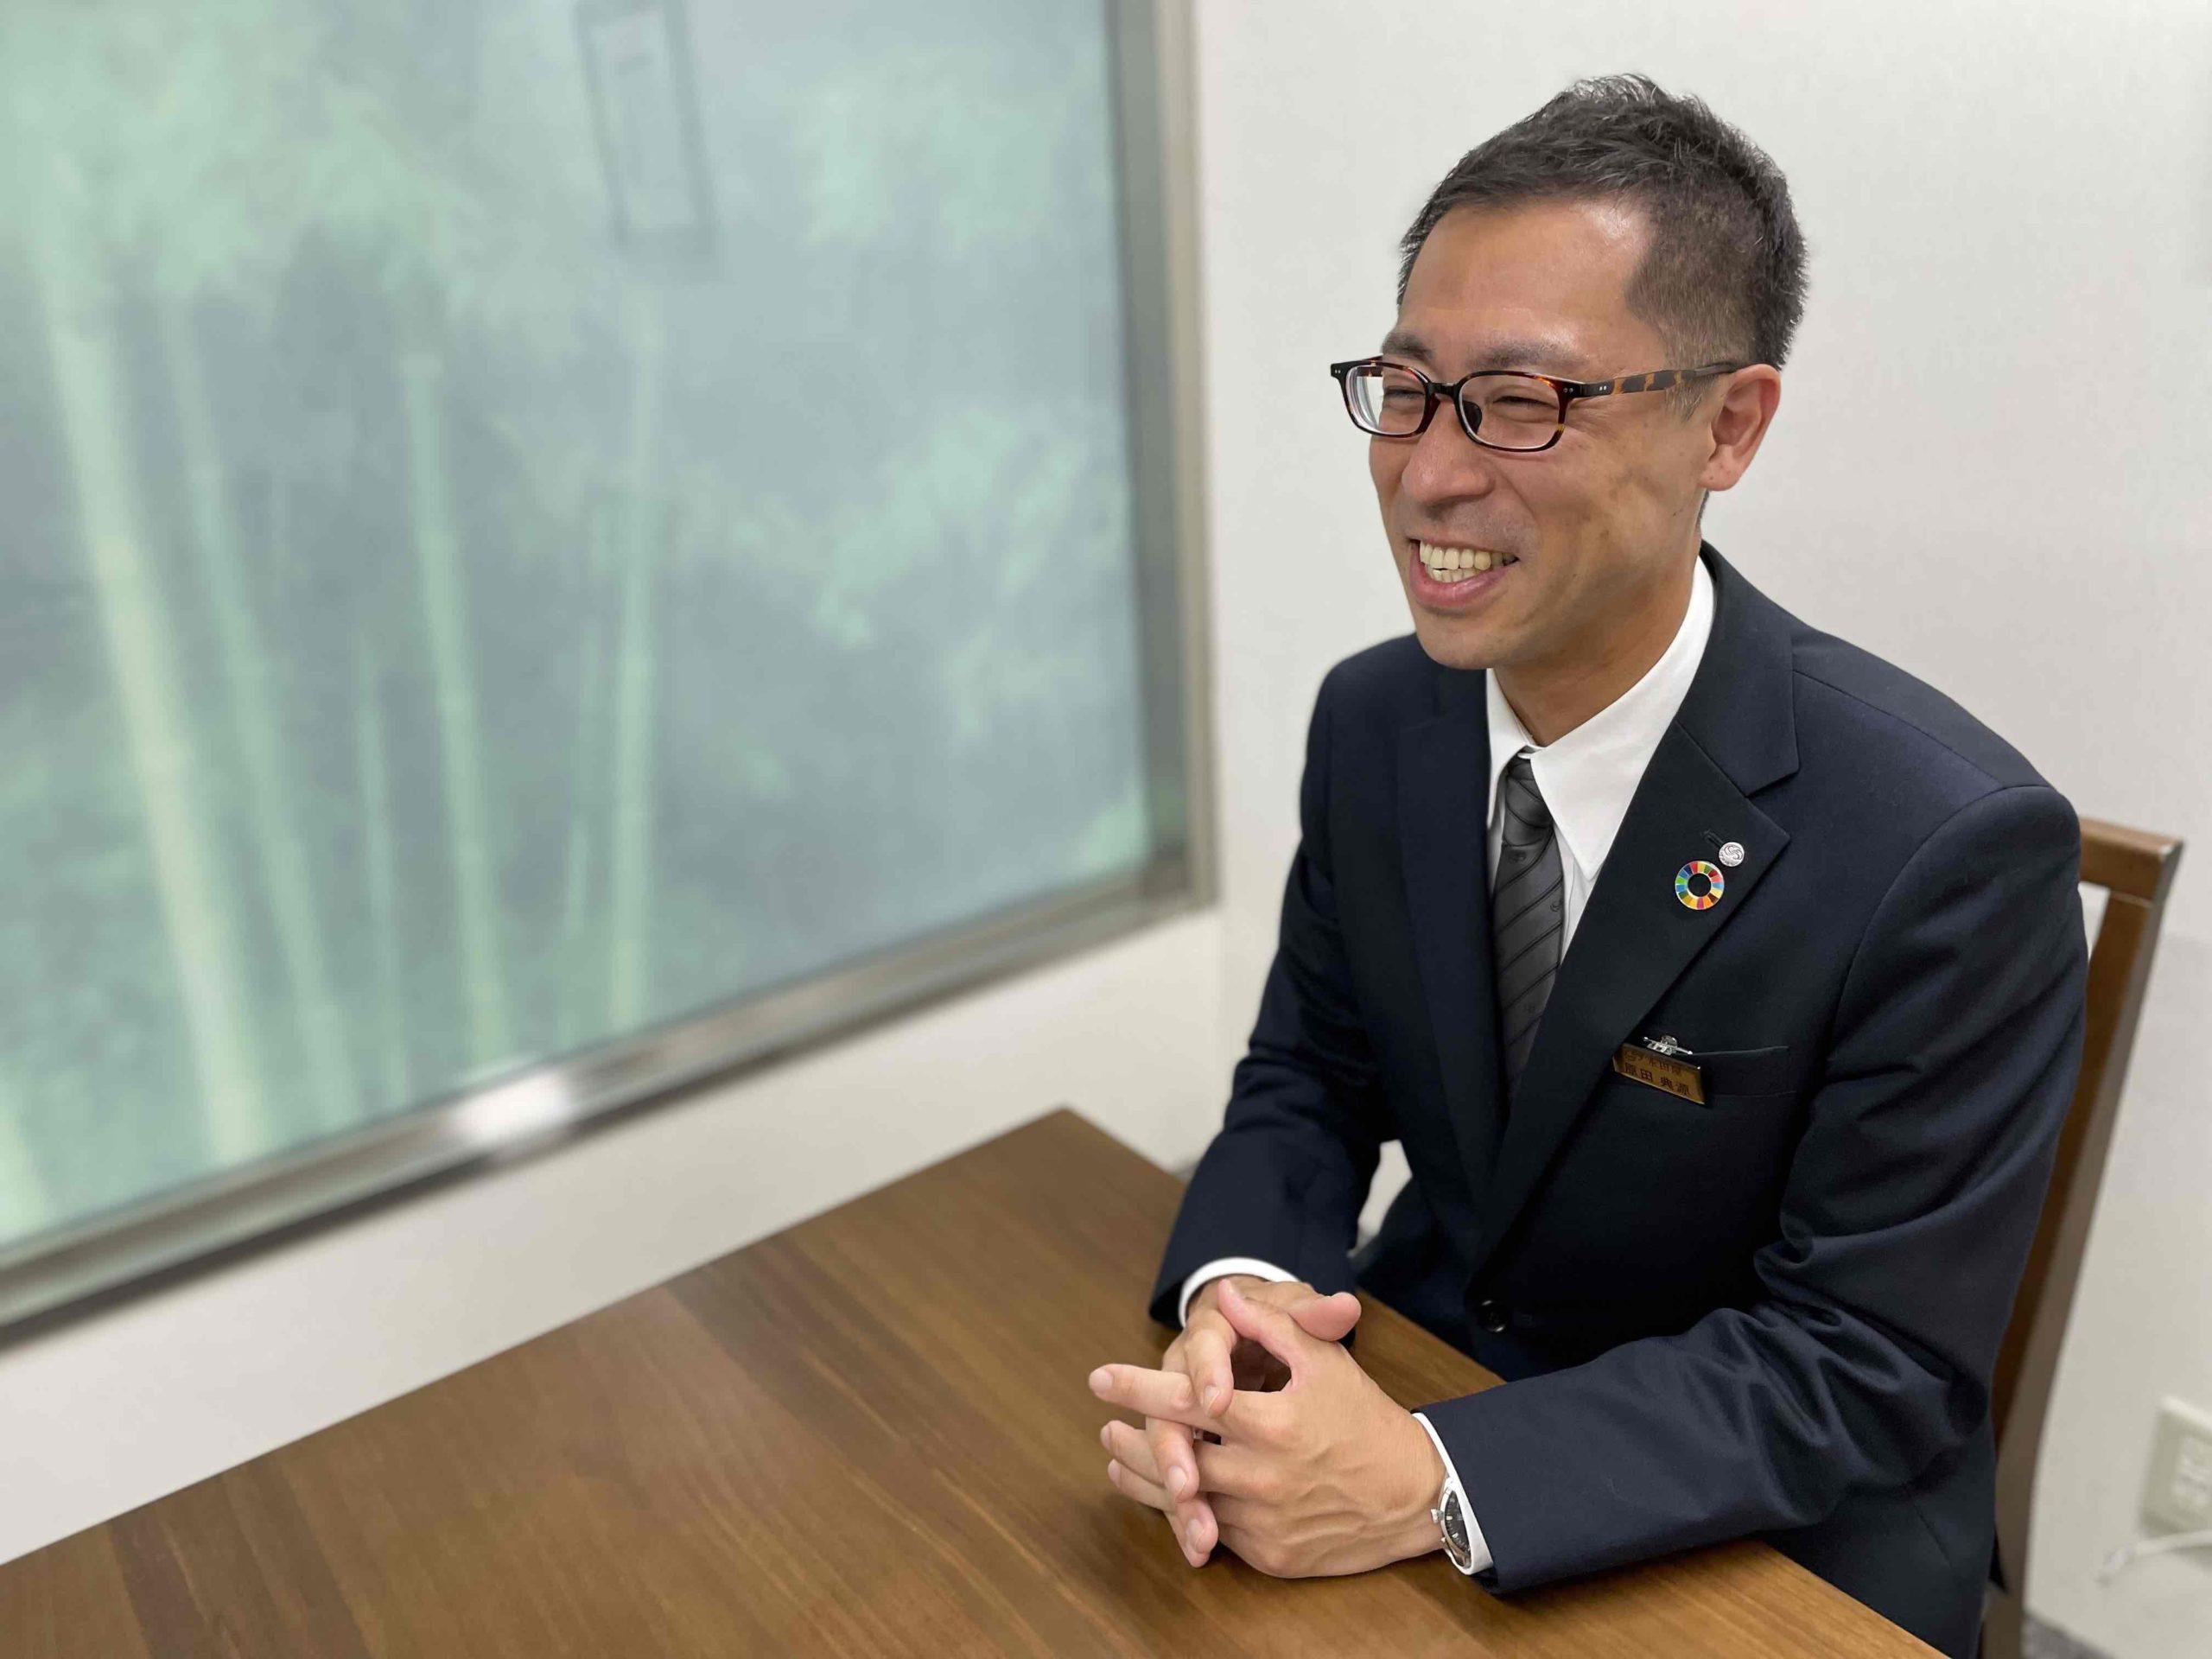 永田屋での仕事で活躍した出来事・思い出に残っている仕事